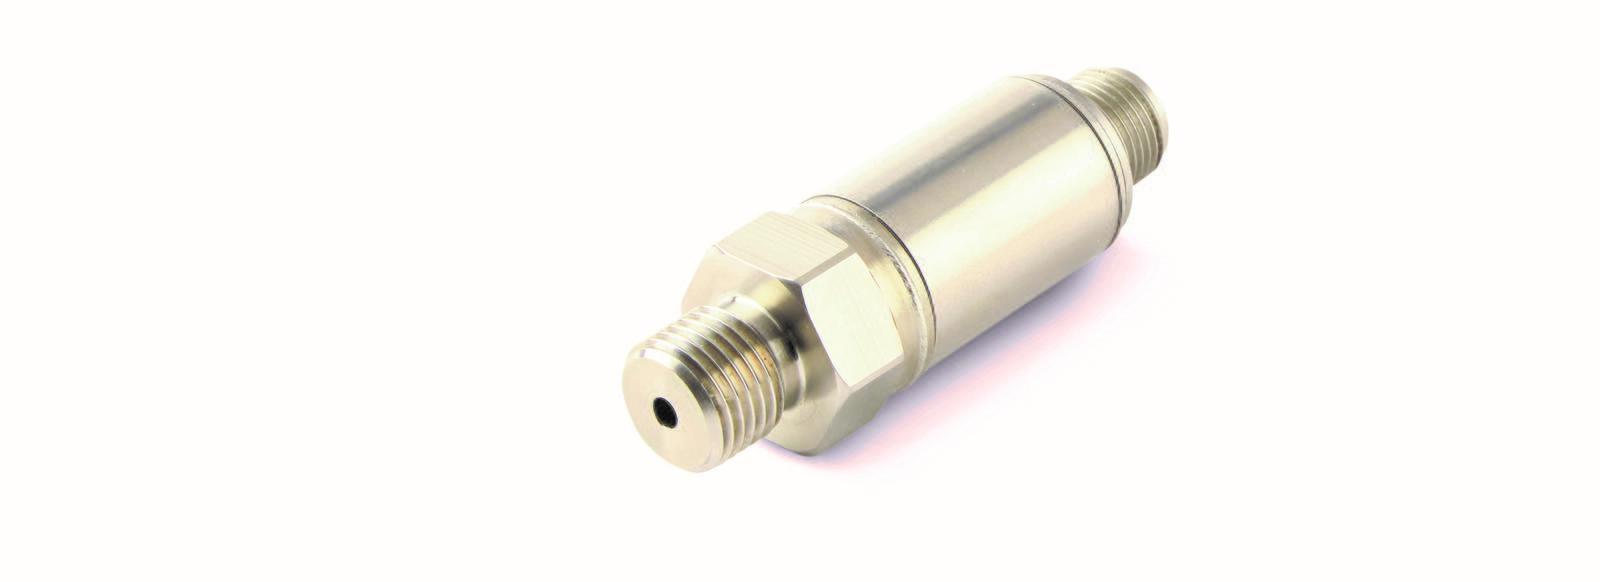 拉线位移传感器根据多方面因素进行实地测量及规划